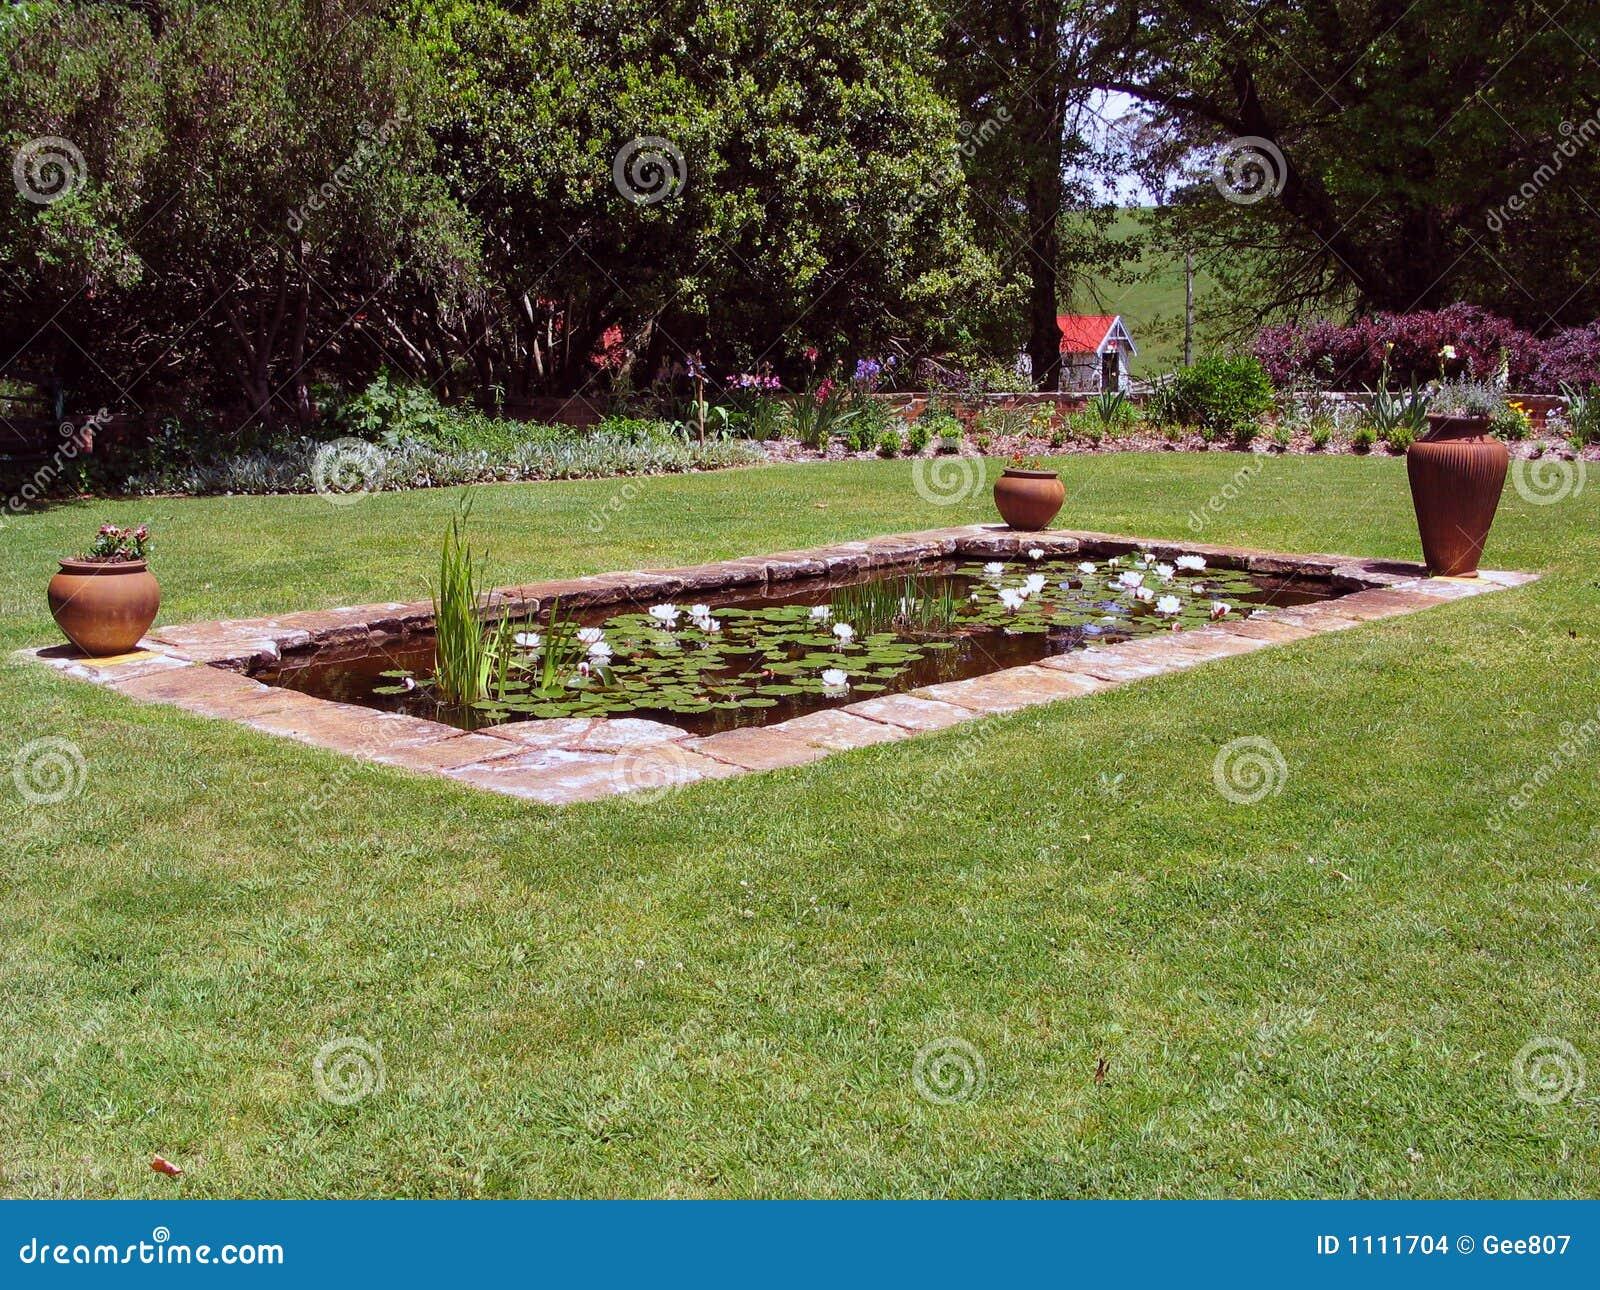 Étang De Jardin Images stock - Image: 1111704